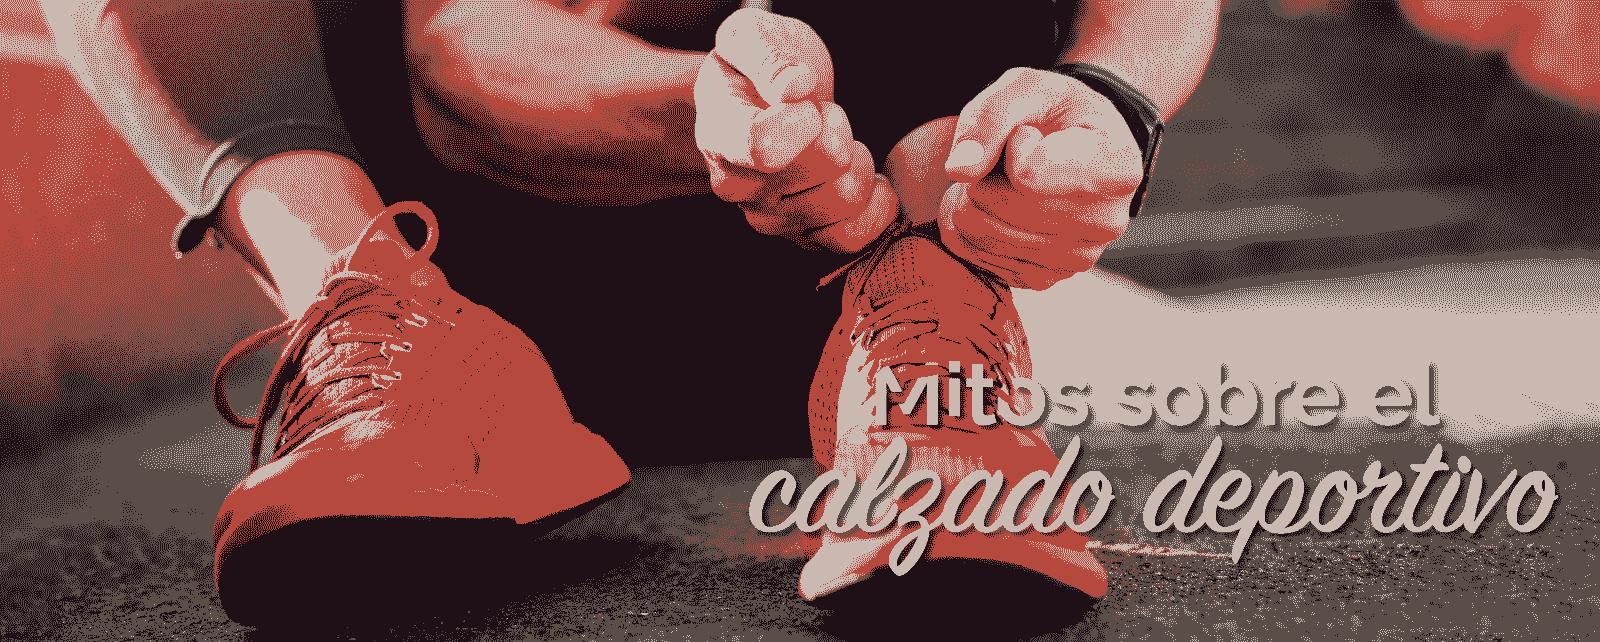 Mitos sobre el calzado deportivo